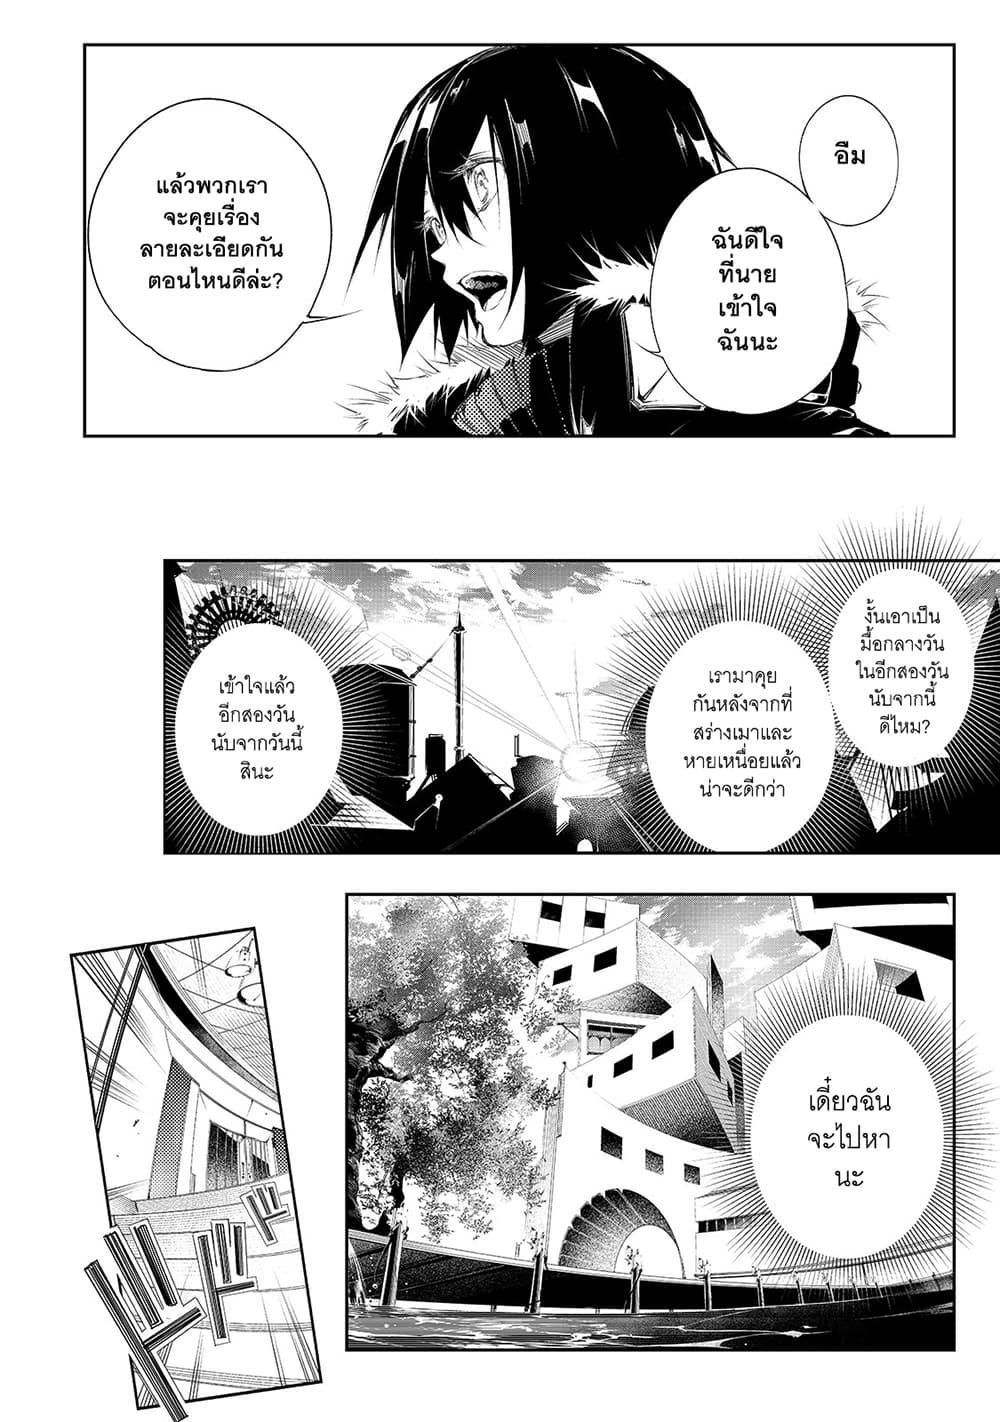 อ่านการ์ตูน Saikyou no Shien-shoku Wajutsushi Dearu Ore wa Sekai Saikyou Kuran o Shitagaeru ตอนที่ 4 หน้าที่ 18